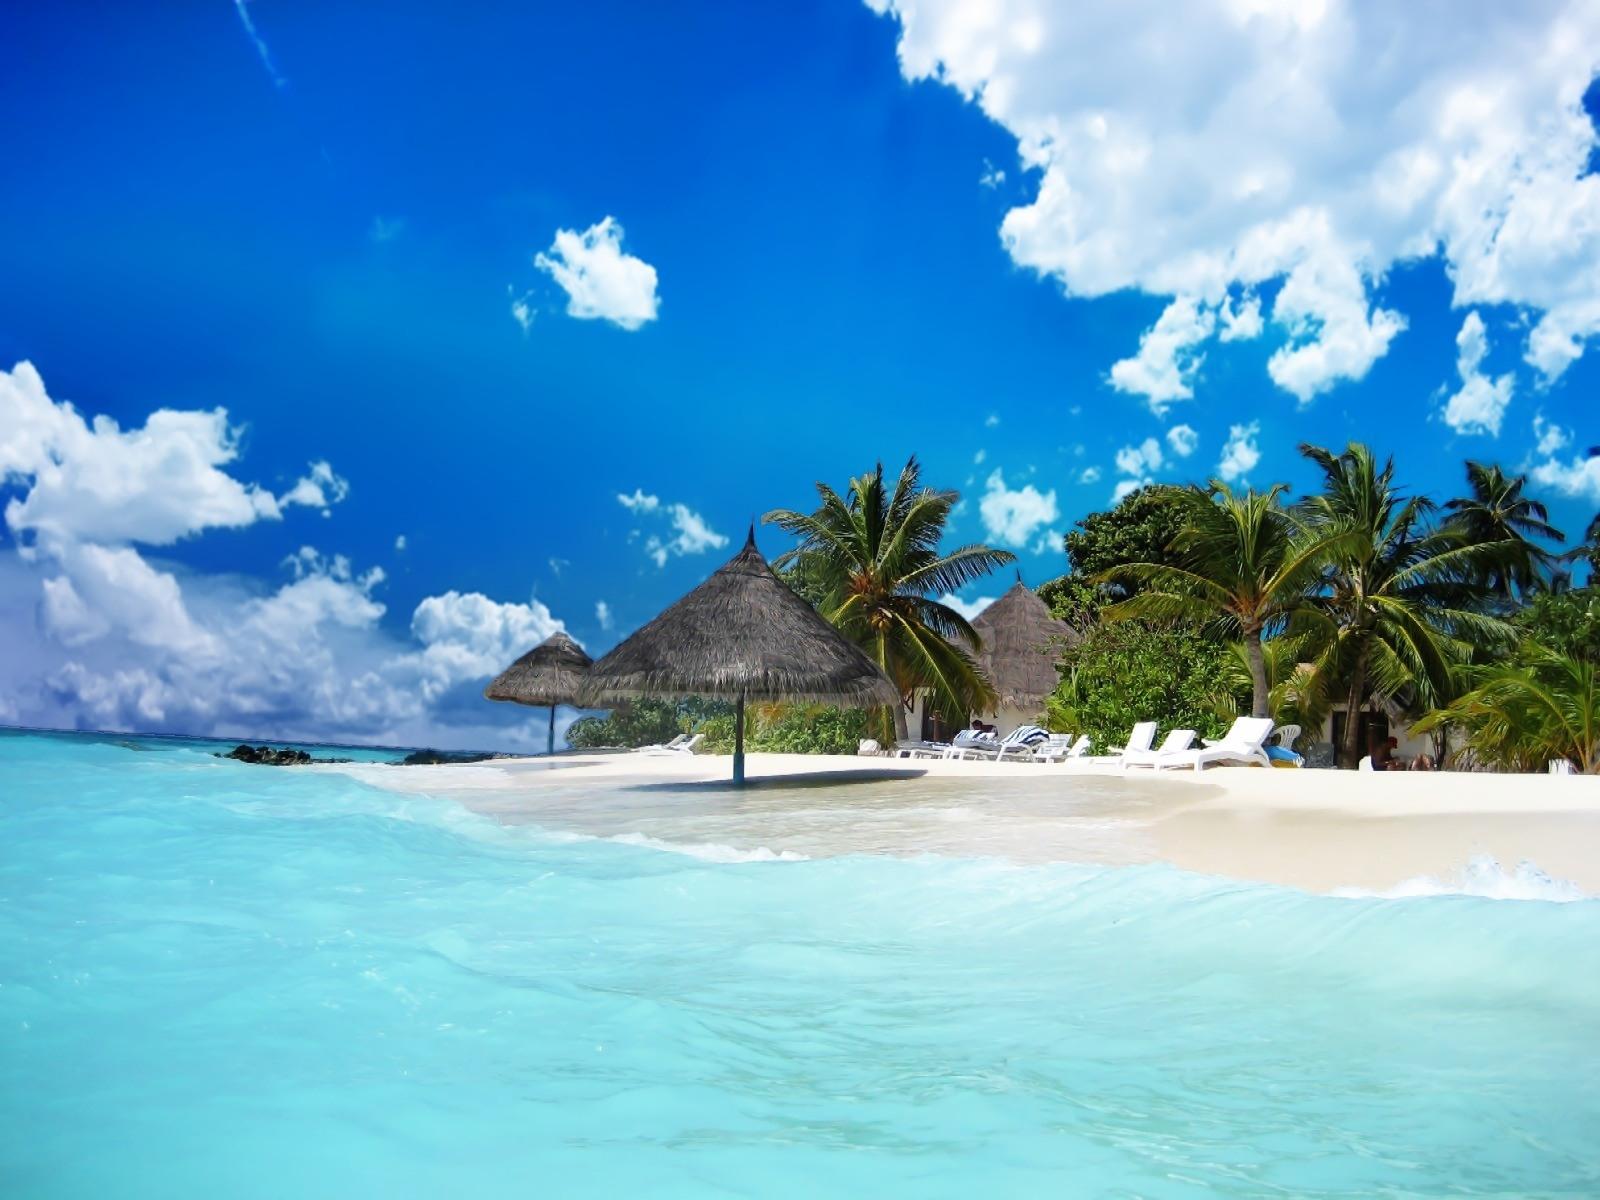 Beaches Islands HD Wallpapers Beach Desktop Backgrounds 1600x1200